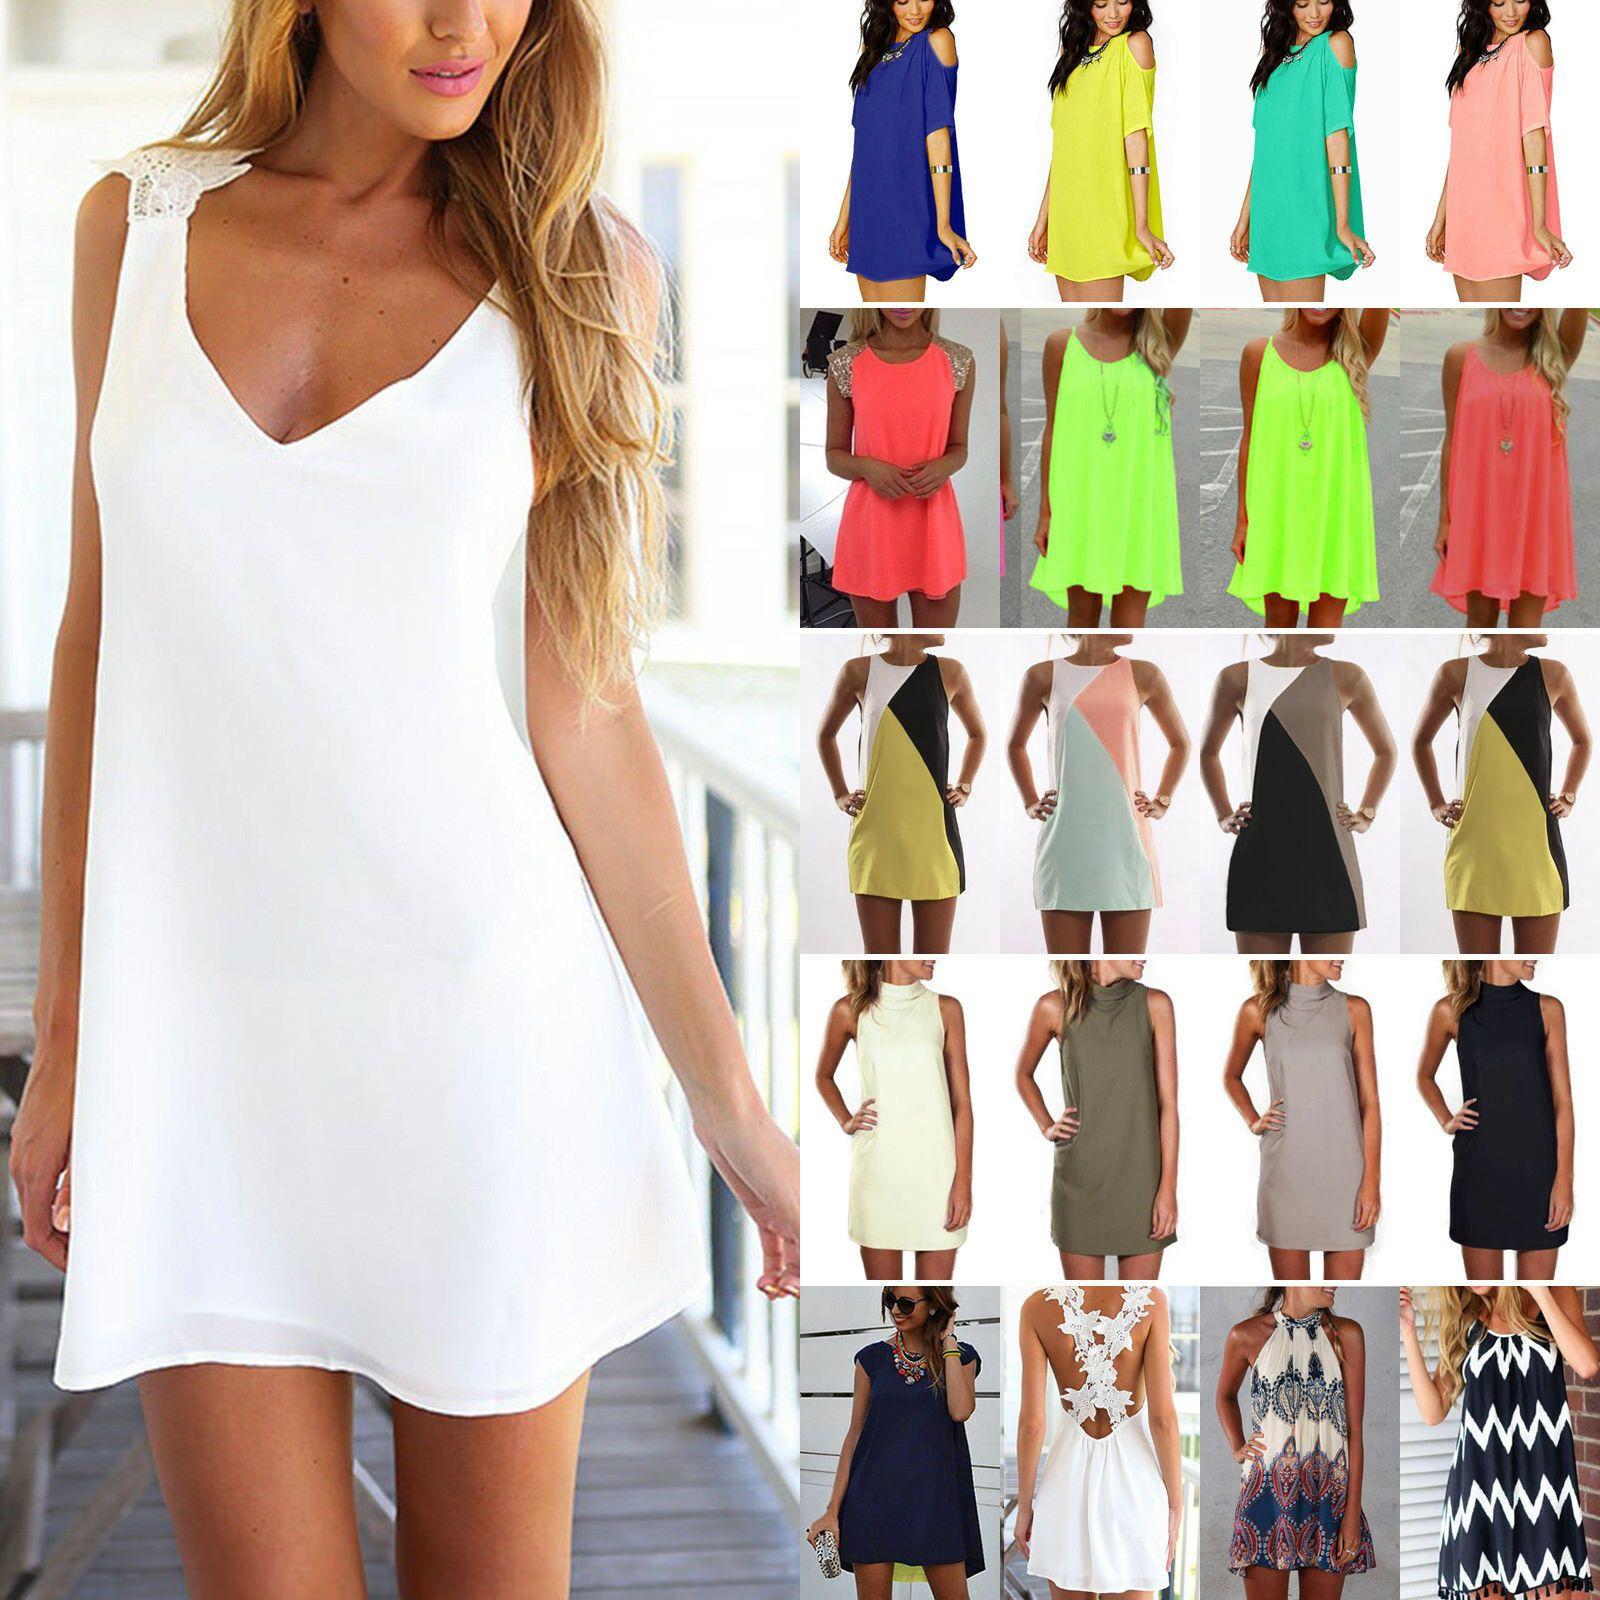 Damen Sommer Partykleid Minikleid Tunika Longshirt Bluse Top Kleider Strandkleid Kleider Ideas Of Kleider Kleider In 2020 Partykleid Strandkleid Kleider Damen